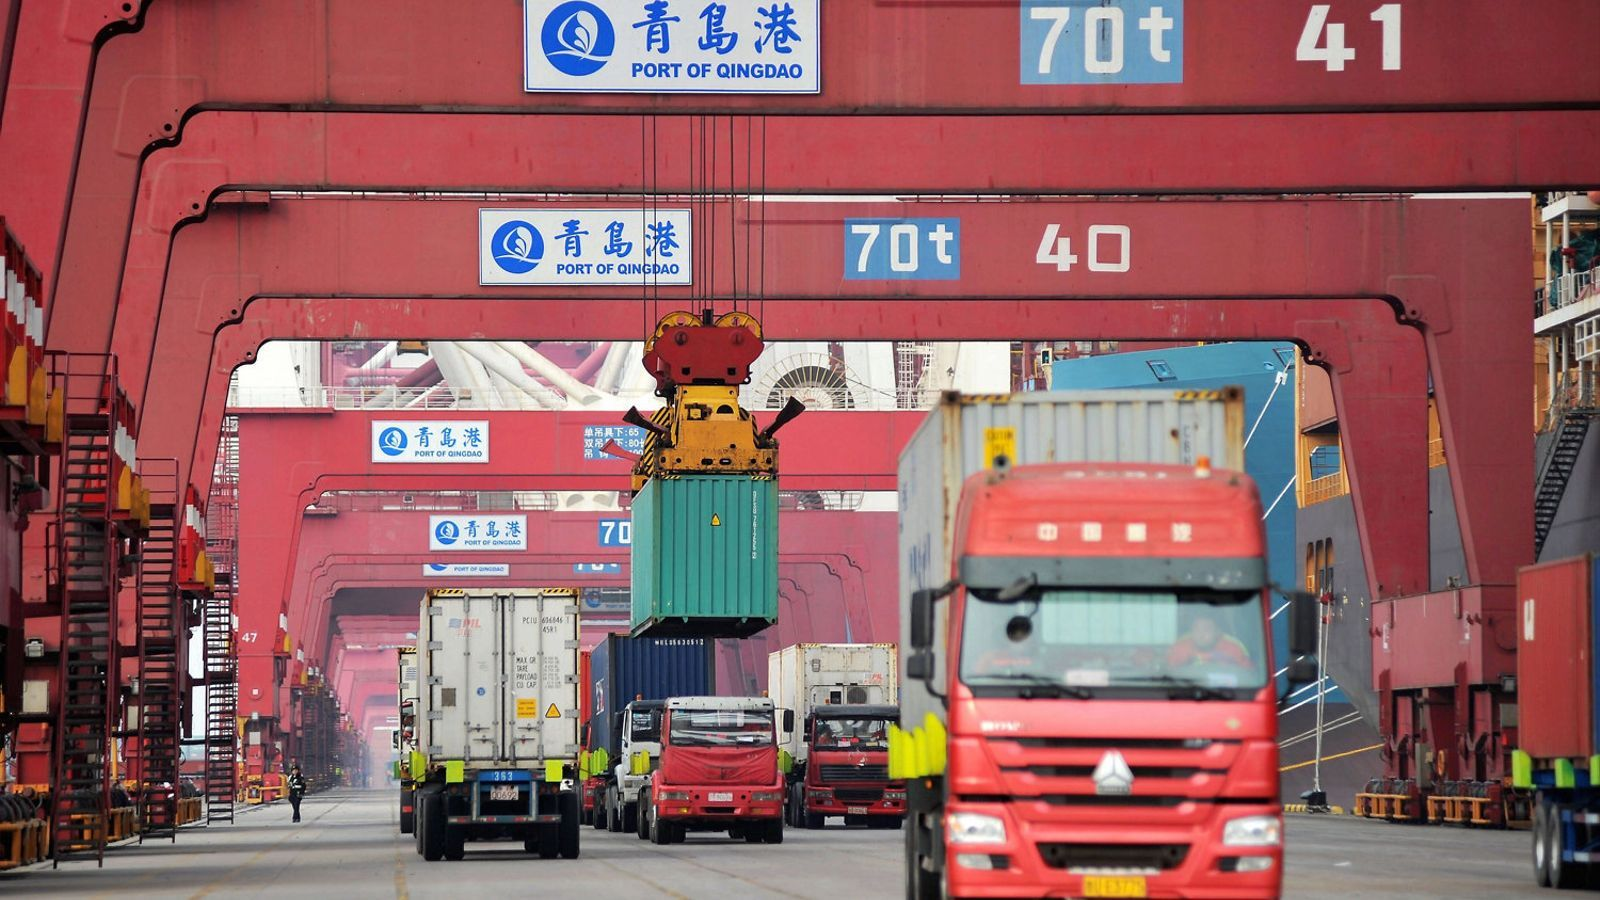 Trànsit de camions al port de Qingdao, a la Xina.